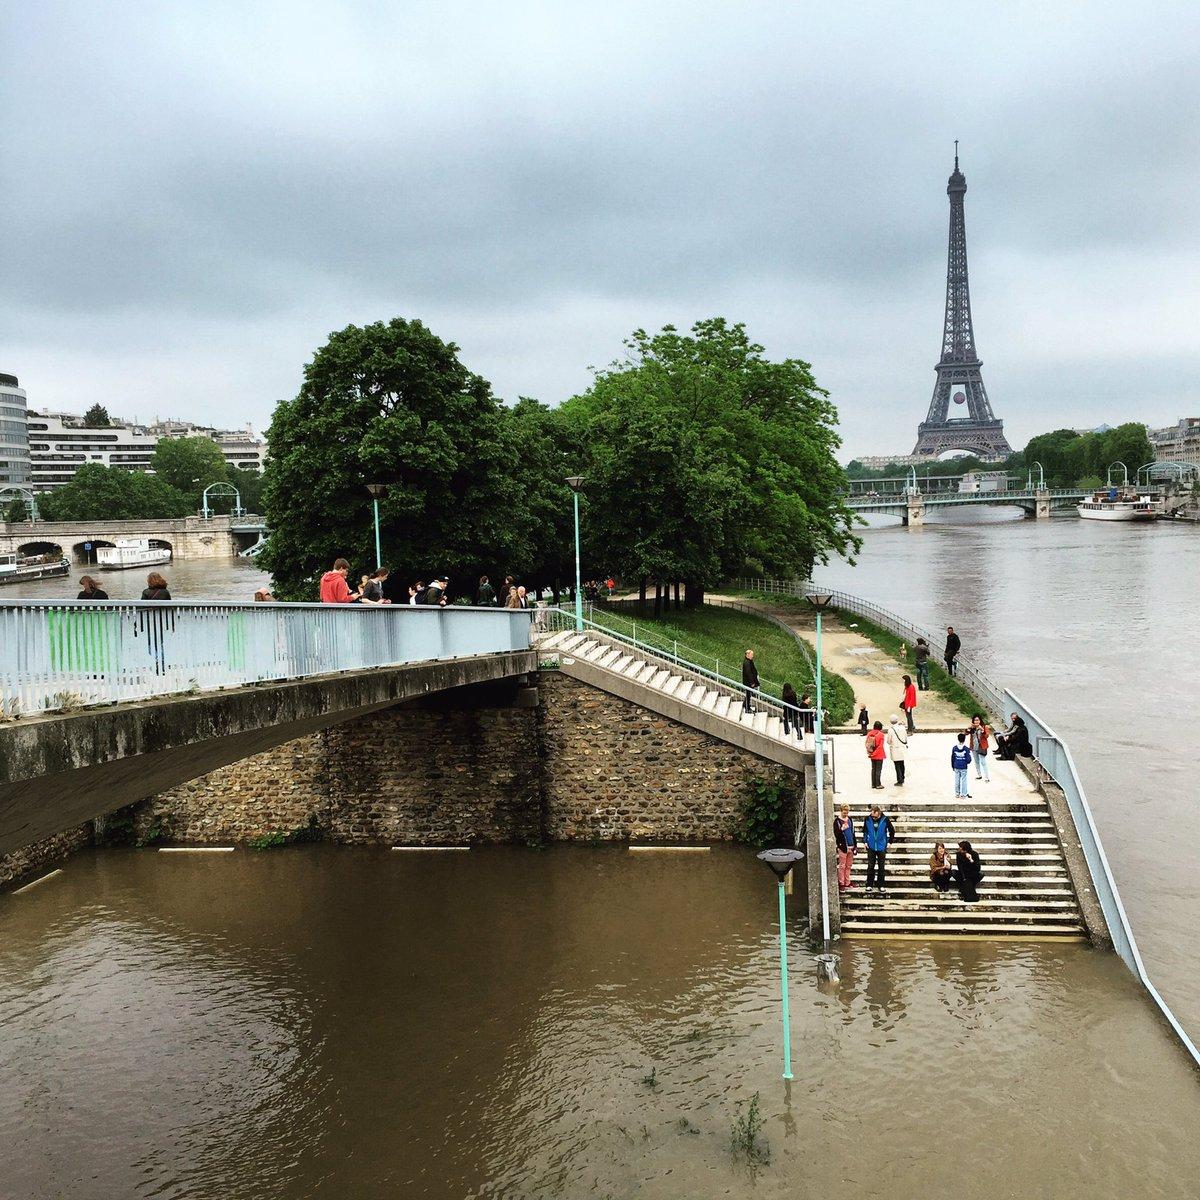 #CrueParis La Seine redescend doucement, les Parisiens de sortie sur l'île aux Cygnes #parisjetaime